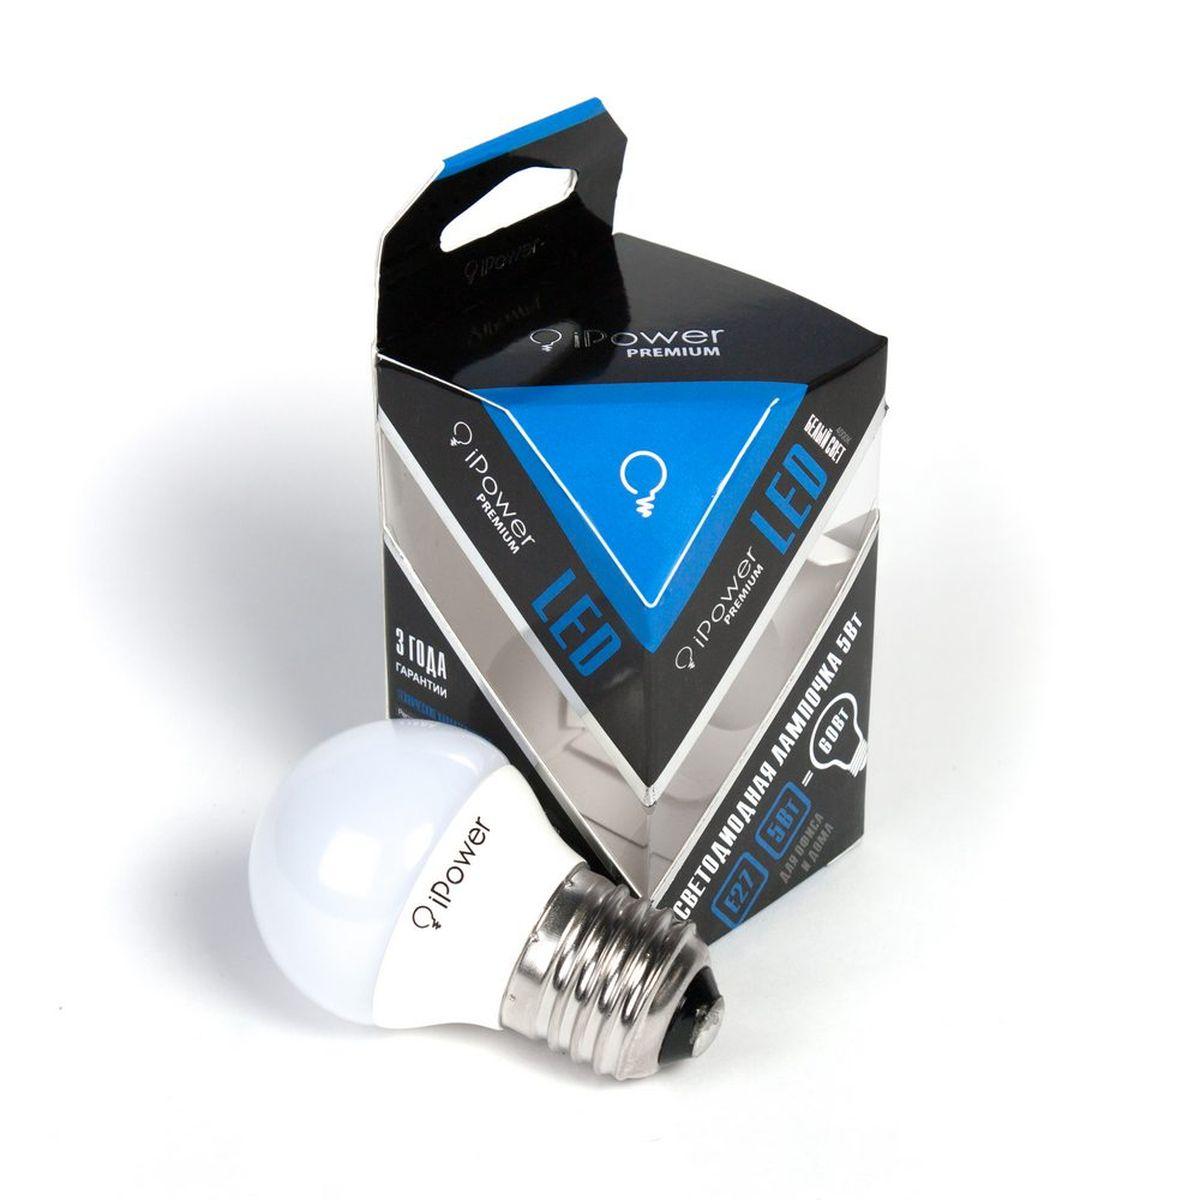 Лампа светодиодная IPower Premium, LED, цоколь Е27, 5W, 4000К белый свет1001963Светодиодная лампочка iPower Premium IPPB5W4000KE27 LED лампочка iPower Premium имеет очень низкое энергопотребление, в сравнении с лампами накаливания LED потребляет в 12 раз меньше электричества, а в сравнении с энергосберегающими в 2-4 раз меньше. При этом срок службы LED лампочки в 5 раз выше, чем энергосберегающей, и в 50 раз выше, чем у лампы накаливания. Светодиодные лампочки iPower создают мягкий рассеивающий свет без мерцаний, что совершенно безопасно для глаз. Они специально разработаны по требованиям российских и европейских законов и подходят ко всем осветительным устройствам, совместимым со стандартным цоколем E27. Использование светодиодов от мирового лидера Epistar и предоставление 3 лет гарантии – залог надёжной и стабильной работы лампочки. Нейтральный белый оттенок свечения идеально подойдёт для освещения, как офисов, образовательных и медицинских учреждений, так и кухни, гостиной. Гарантия 36 мес. Диапазон рабочих температур от -50 до +50 °С ...